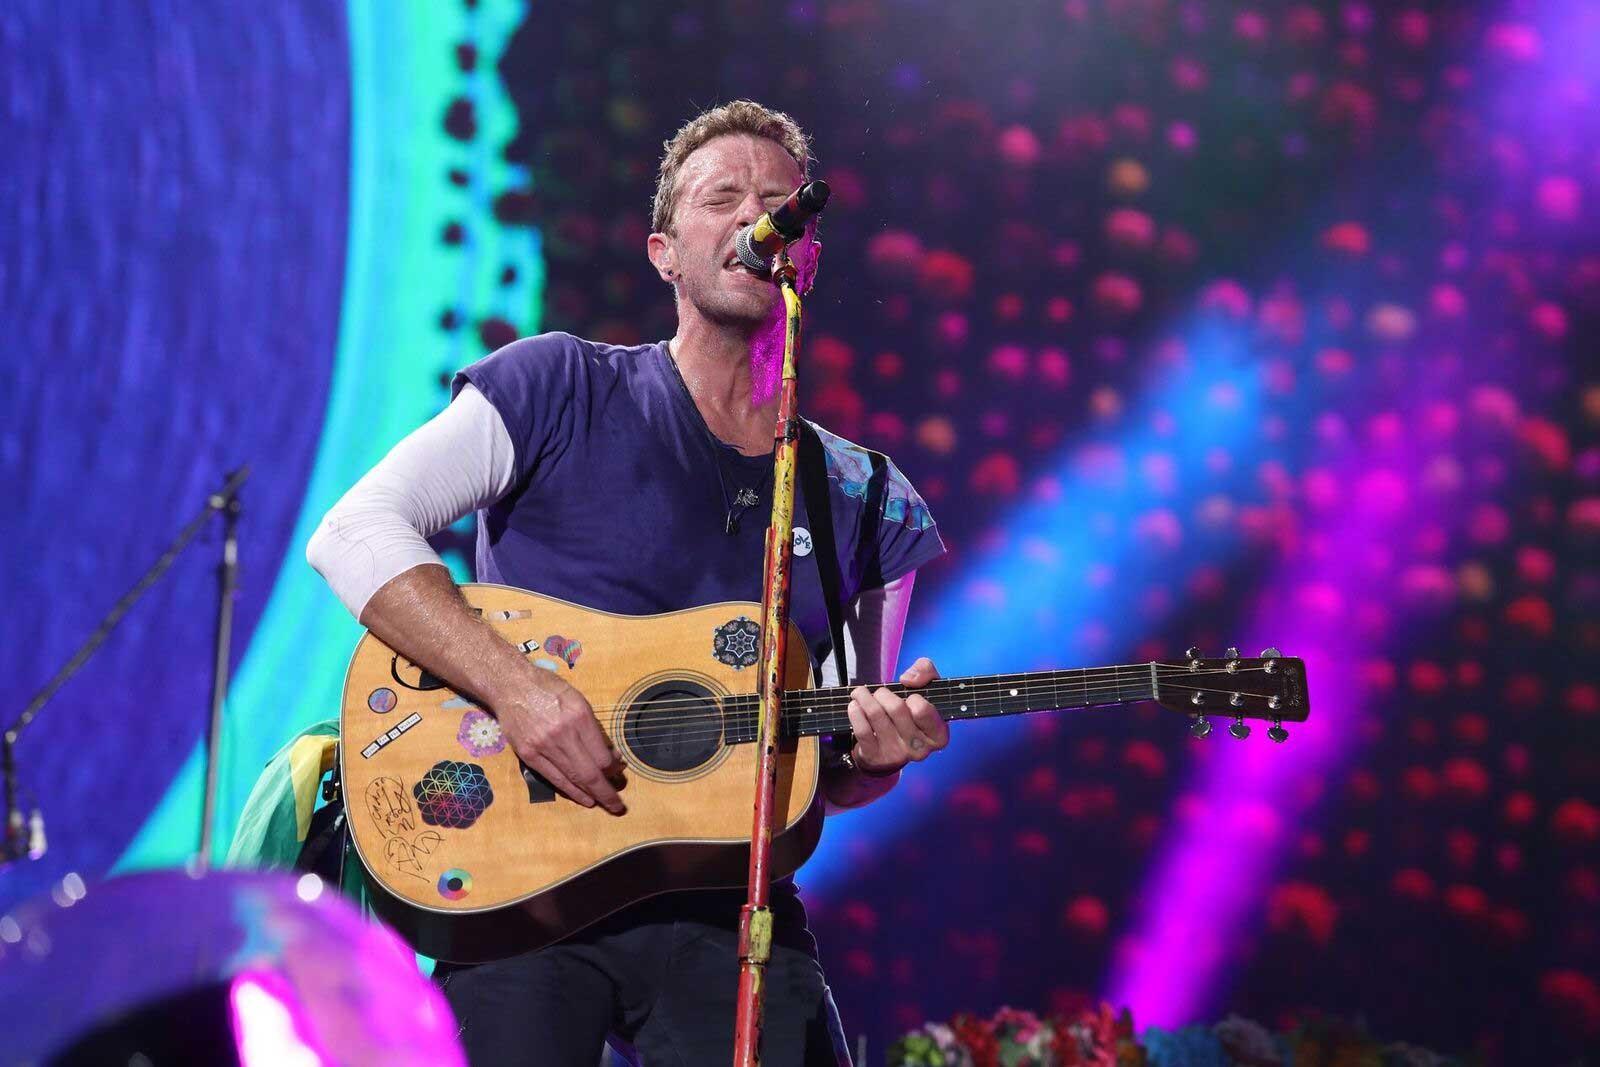 Coldplay anuncia álbum duplo 'Everyday life' para o dia 22 de novembro - Notícias - Plantão Diário